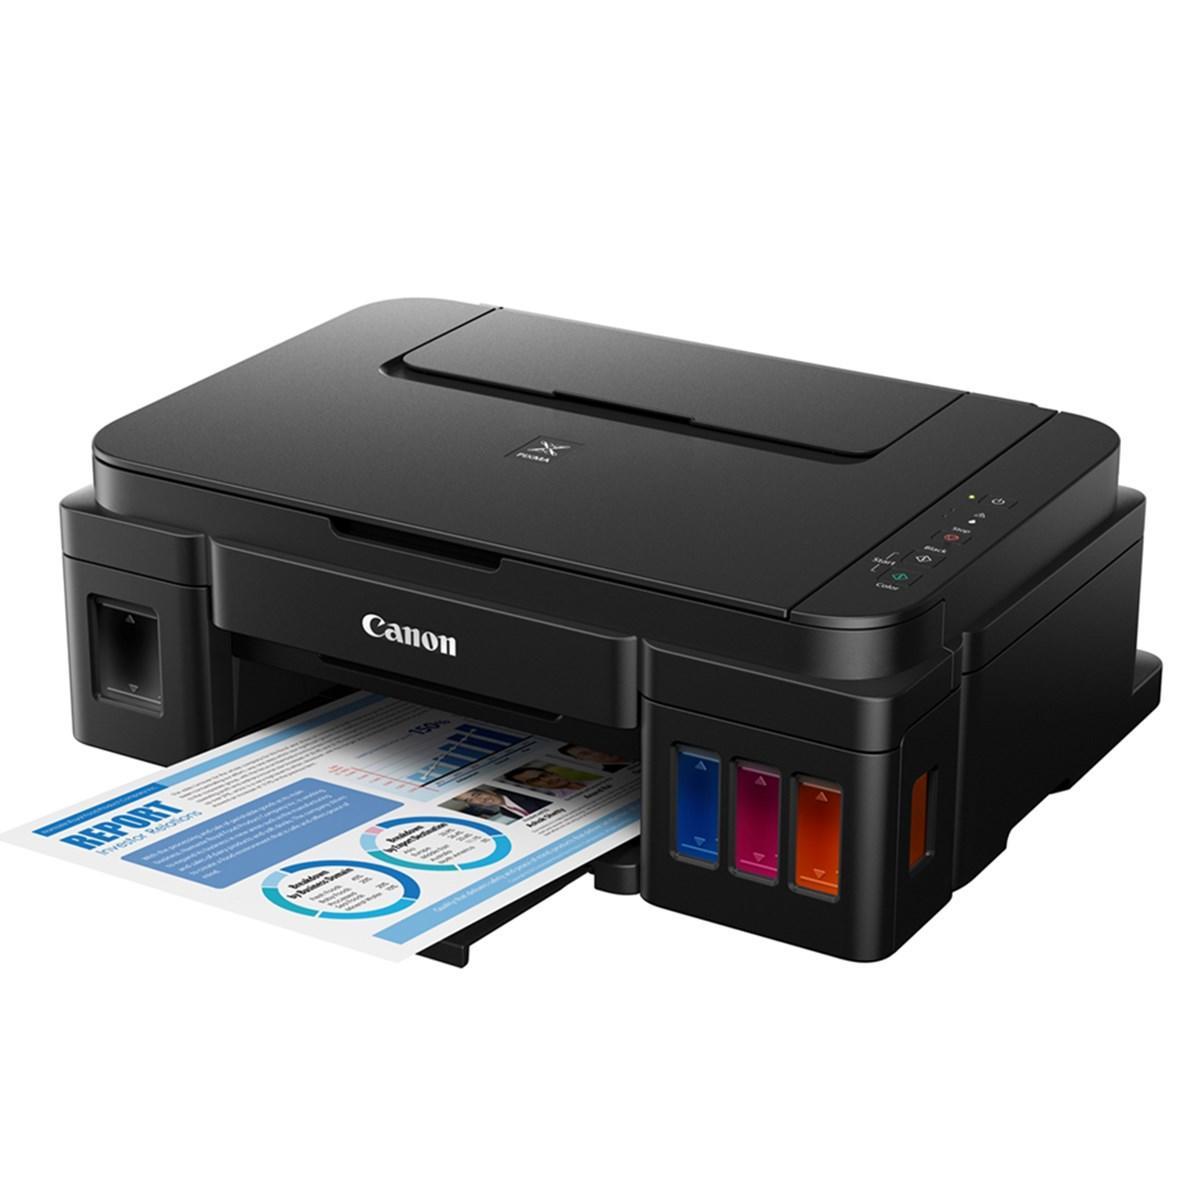 Impressora Fotográfica Canon PIXMA G3102 com Tanque de Tinta e Wi-Fi